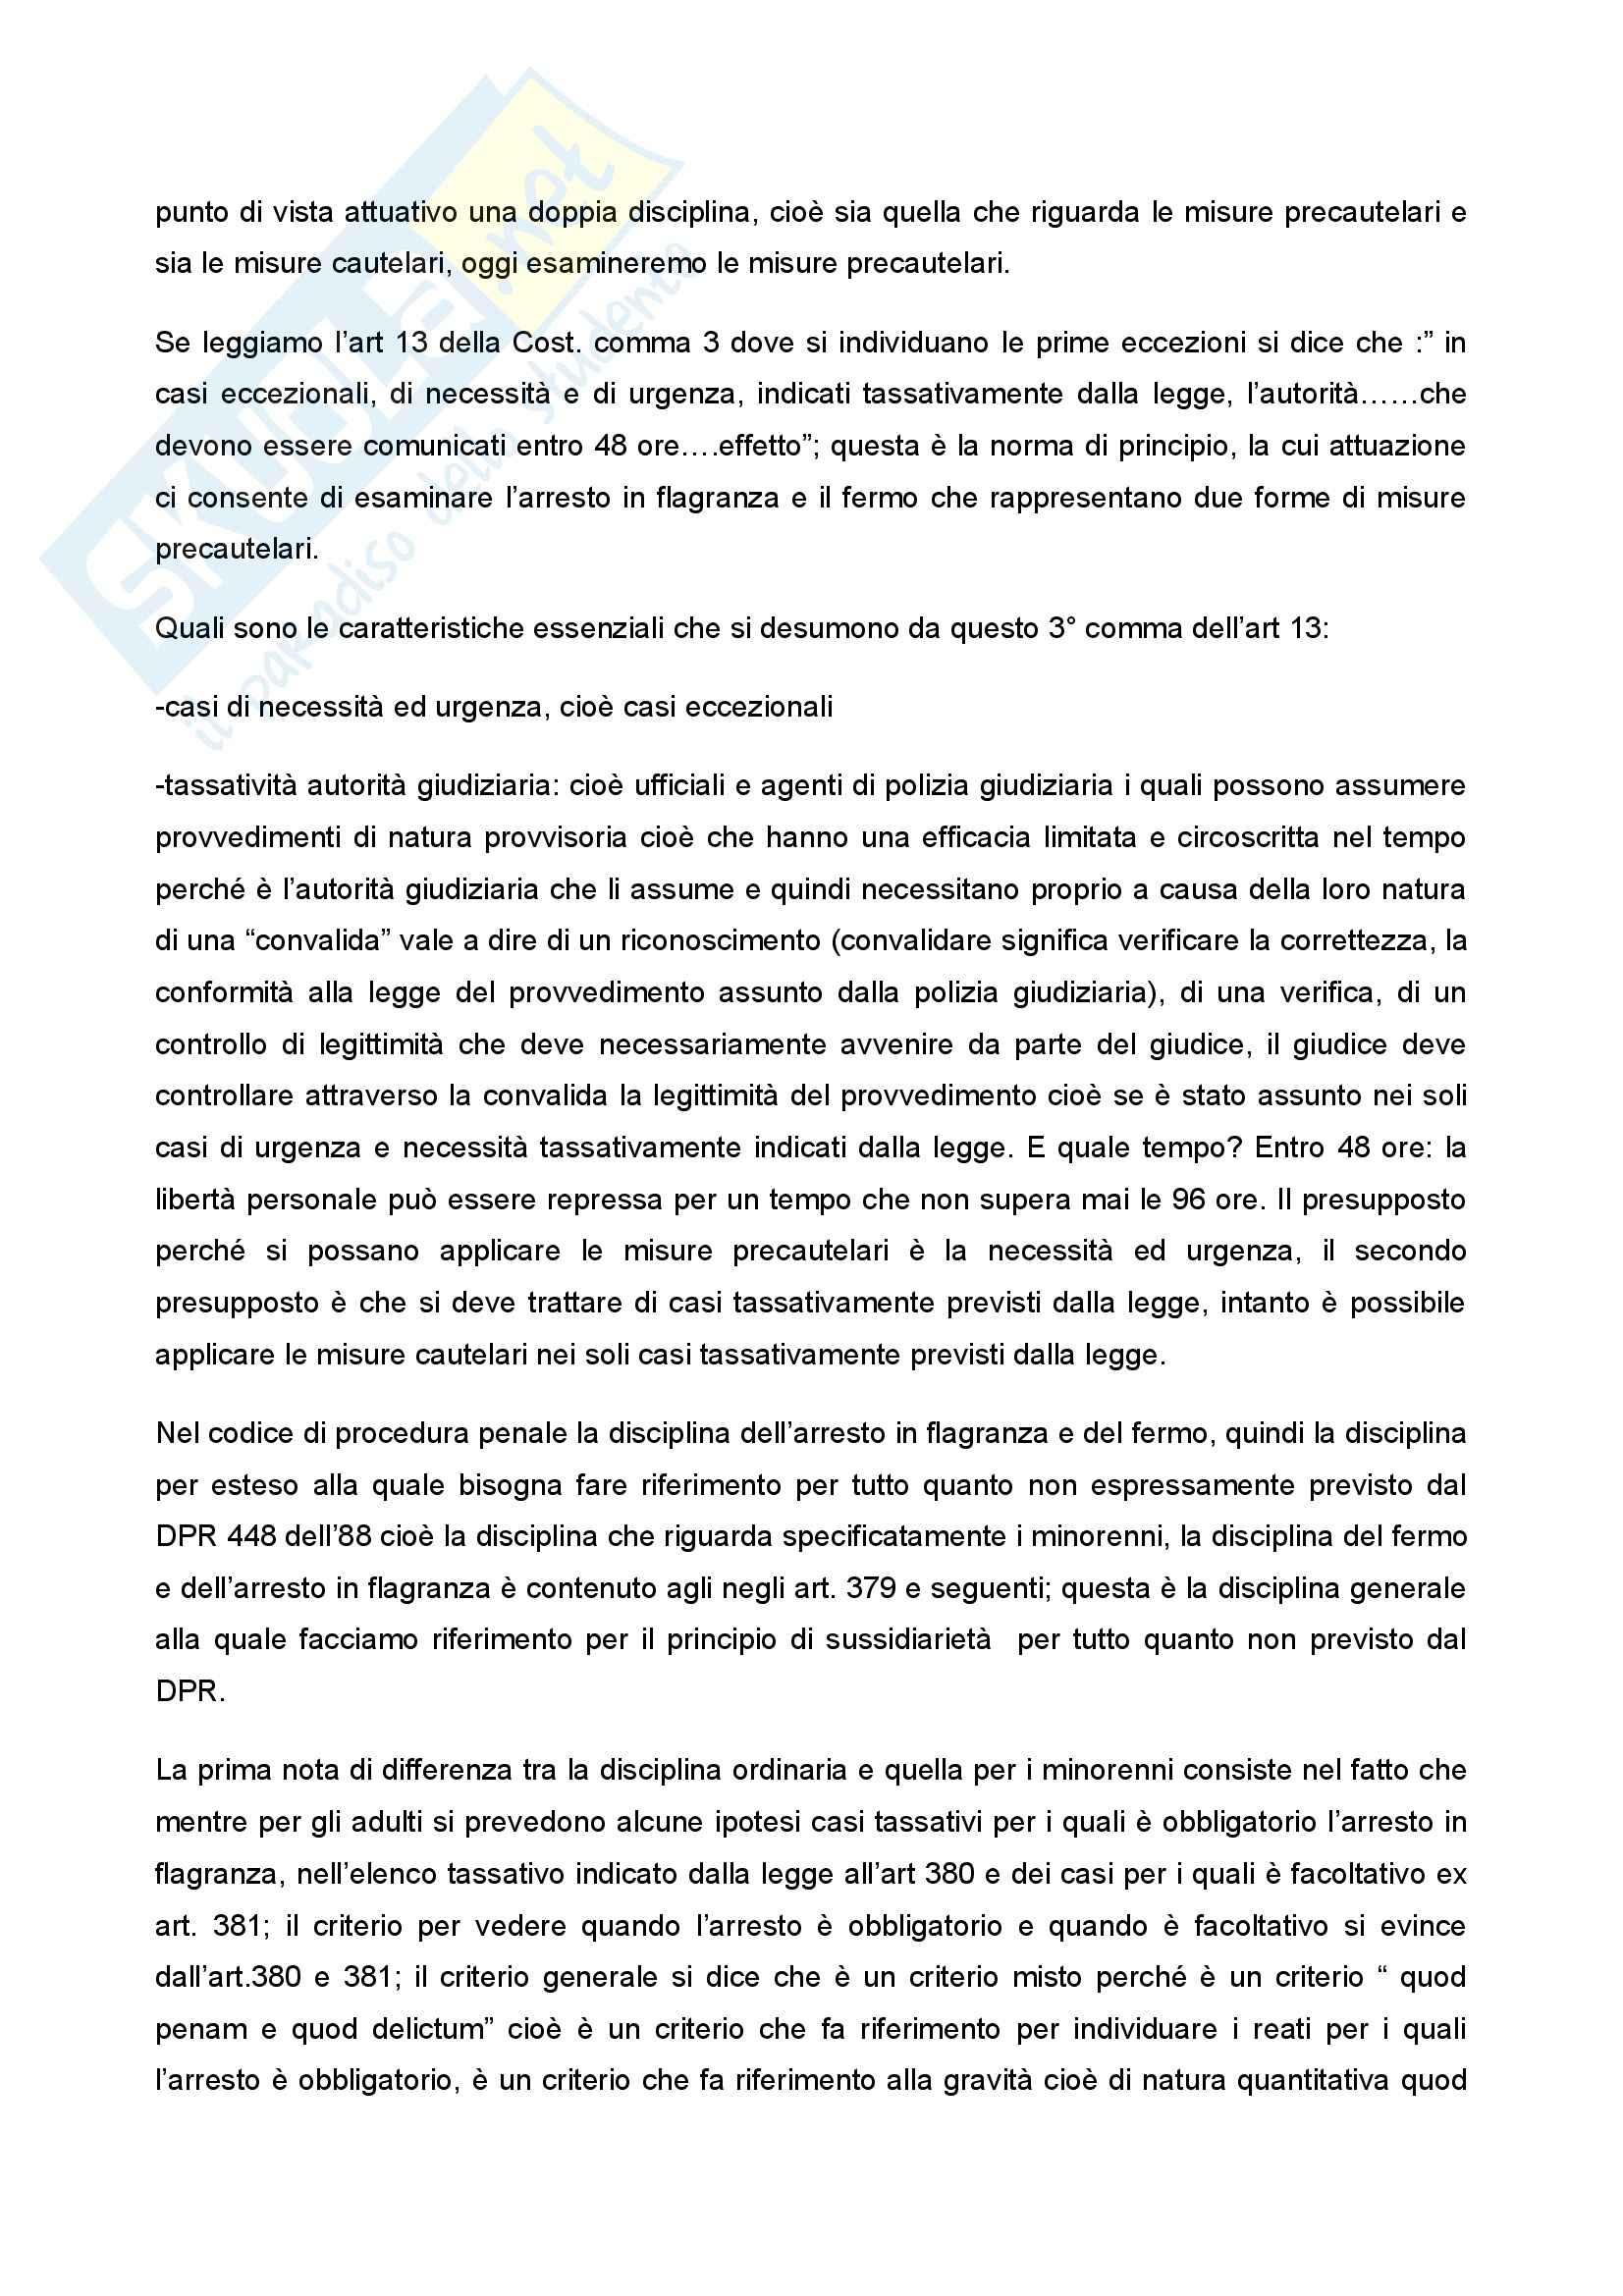 Diritto penale minorile - Corso completo Pag. 81